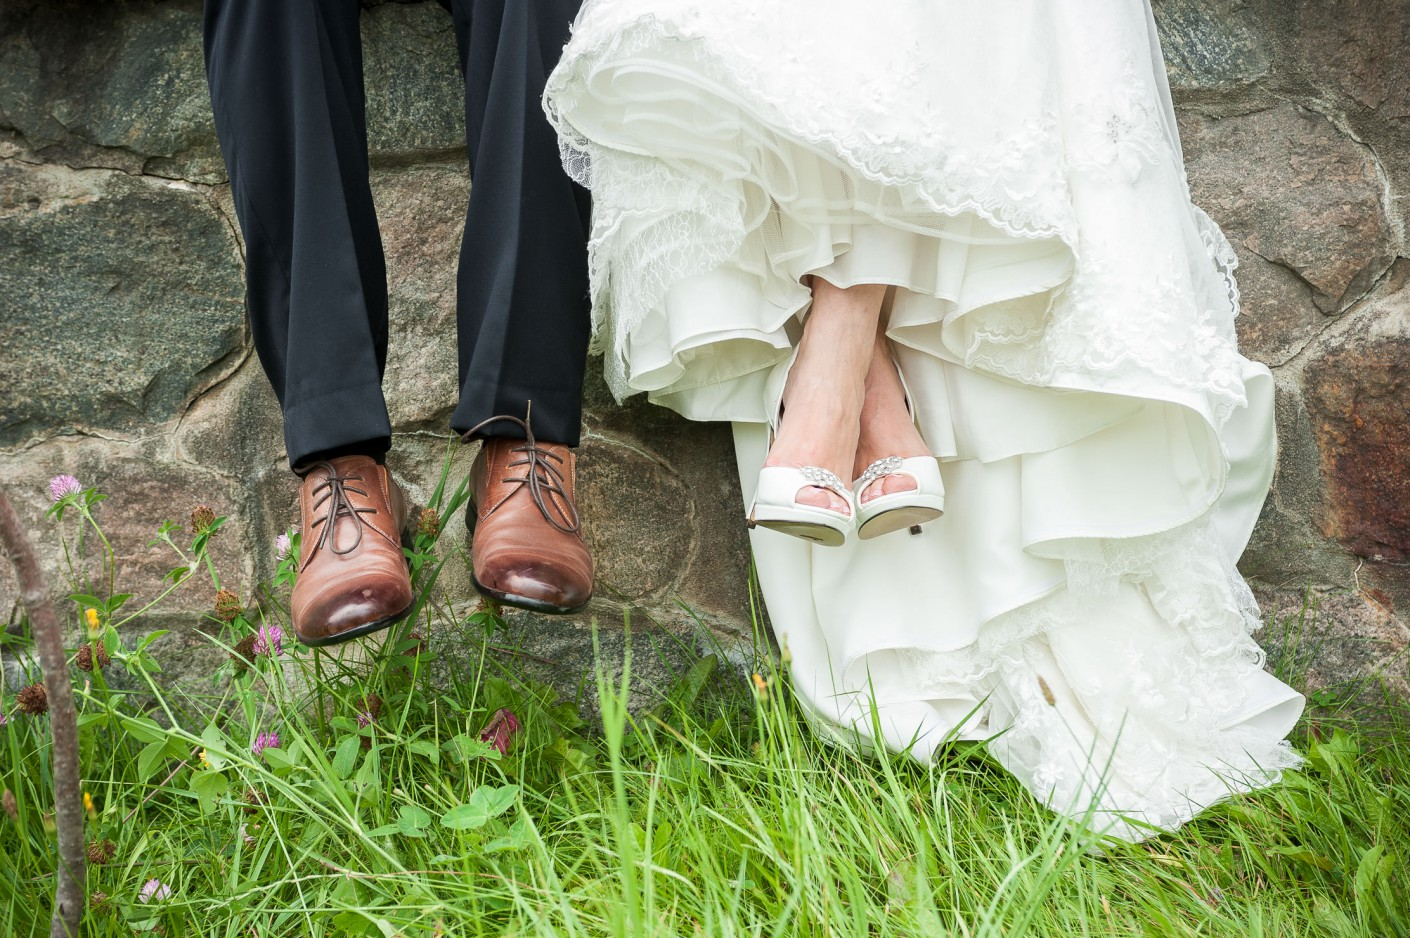 Mariage : Jeux d'enfants -, KW: 0-Détails, 6-PhotosCouple, souliers